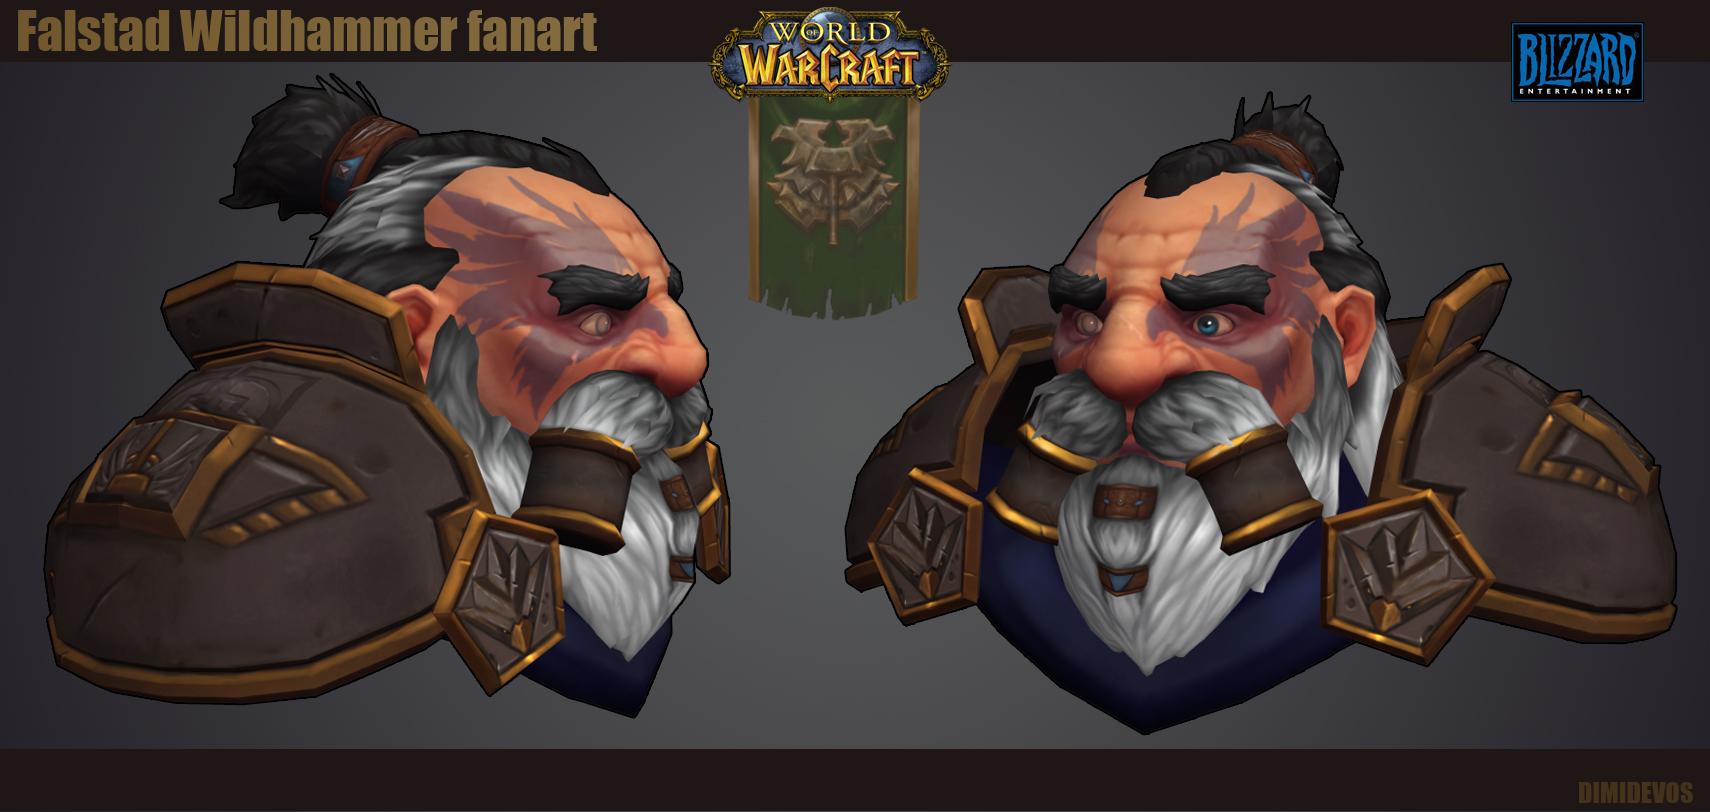 falstad_wildhammer_fanart_by_dimidevos-d6v2viy.jpg